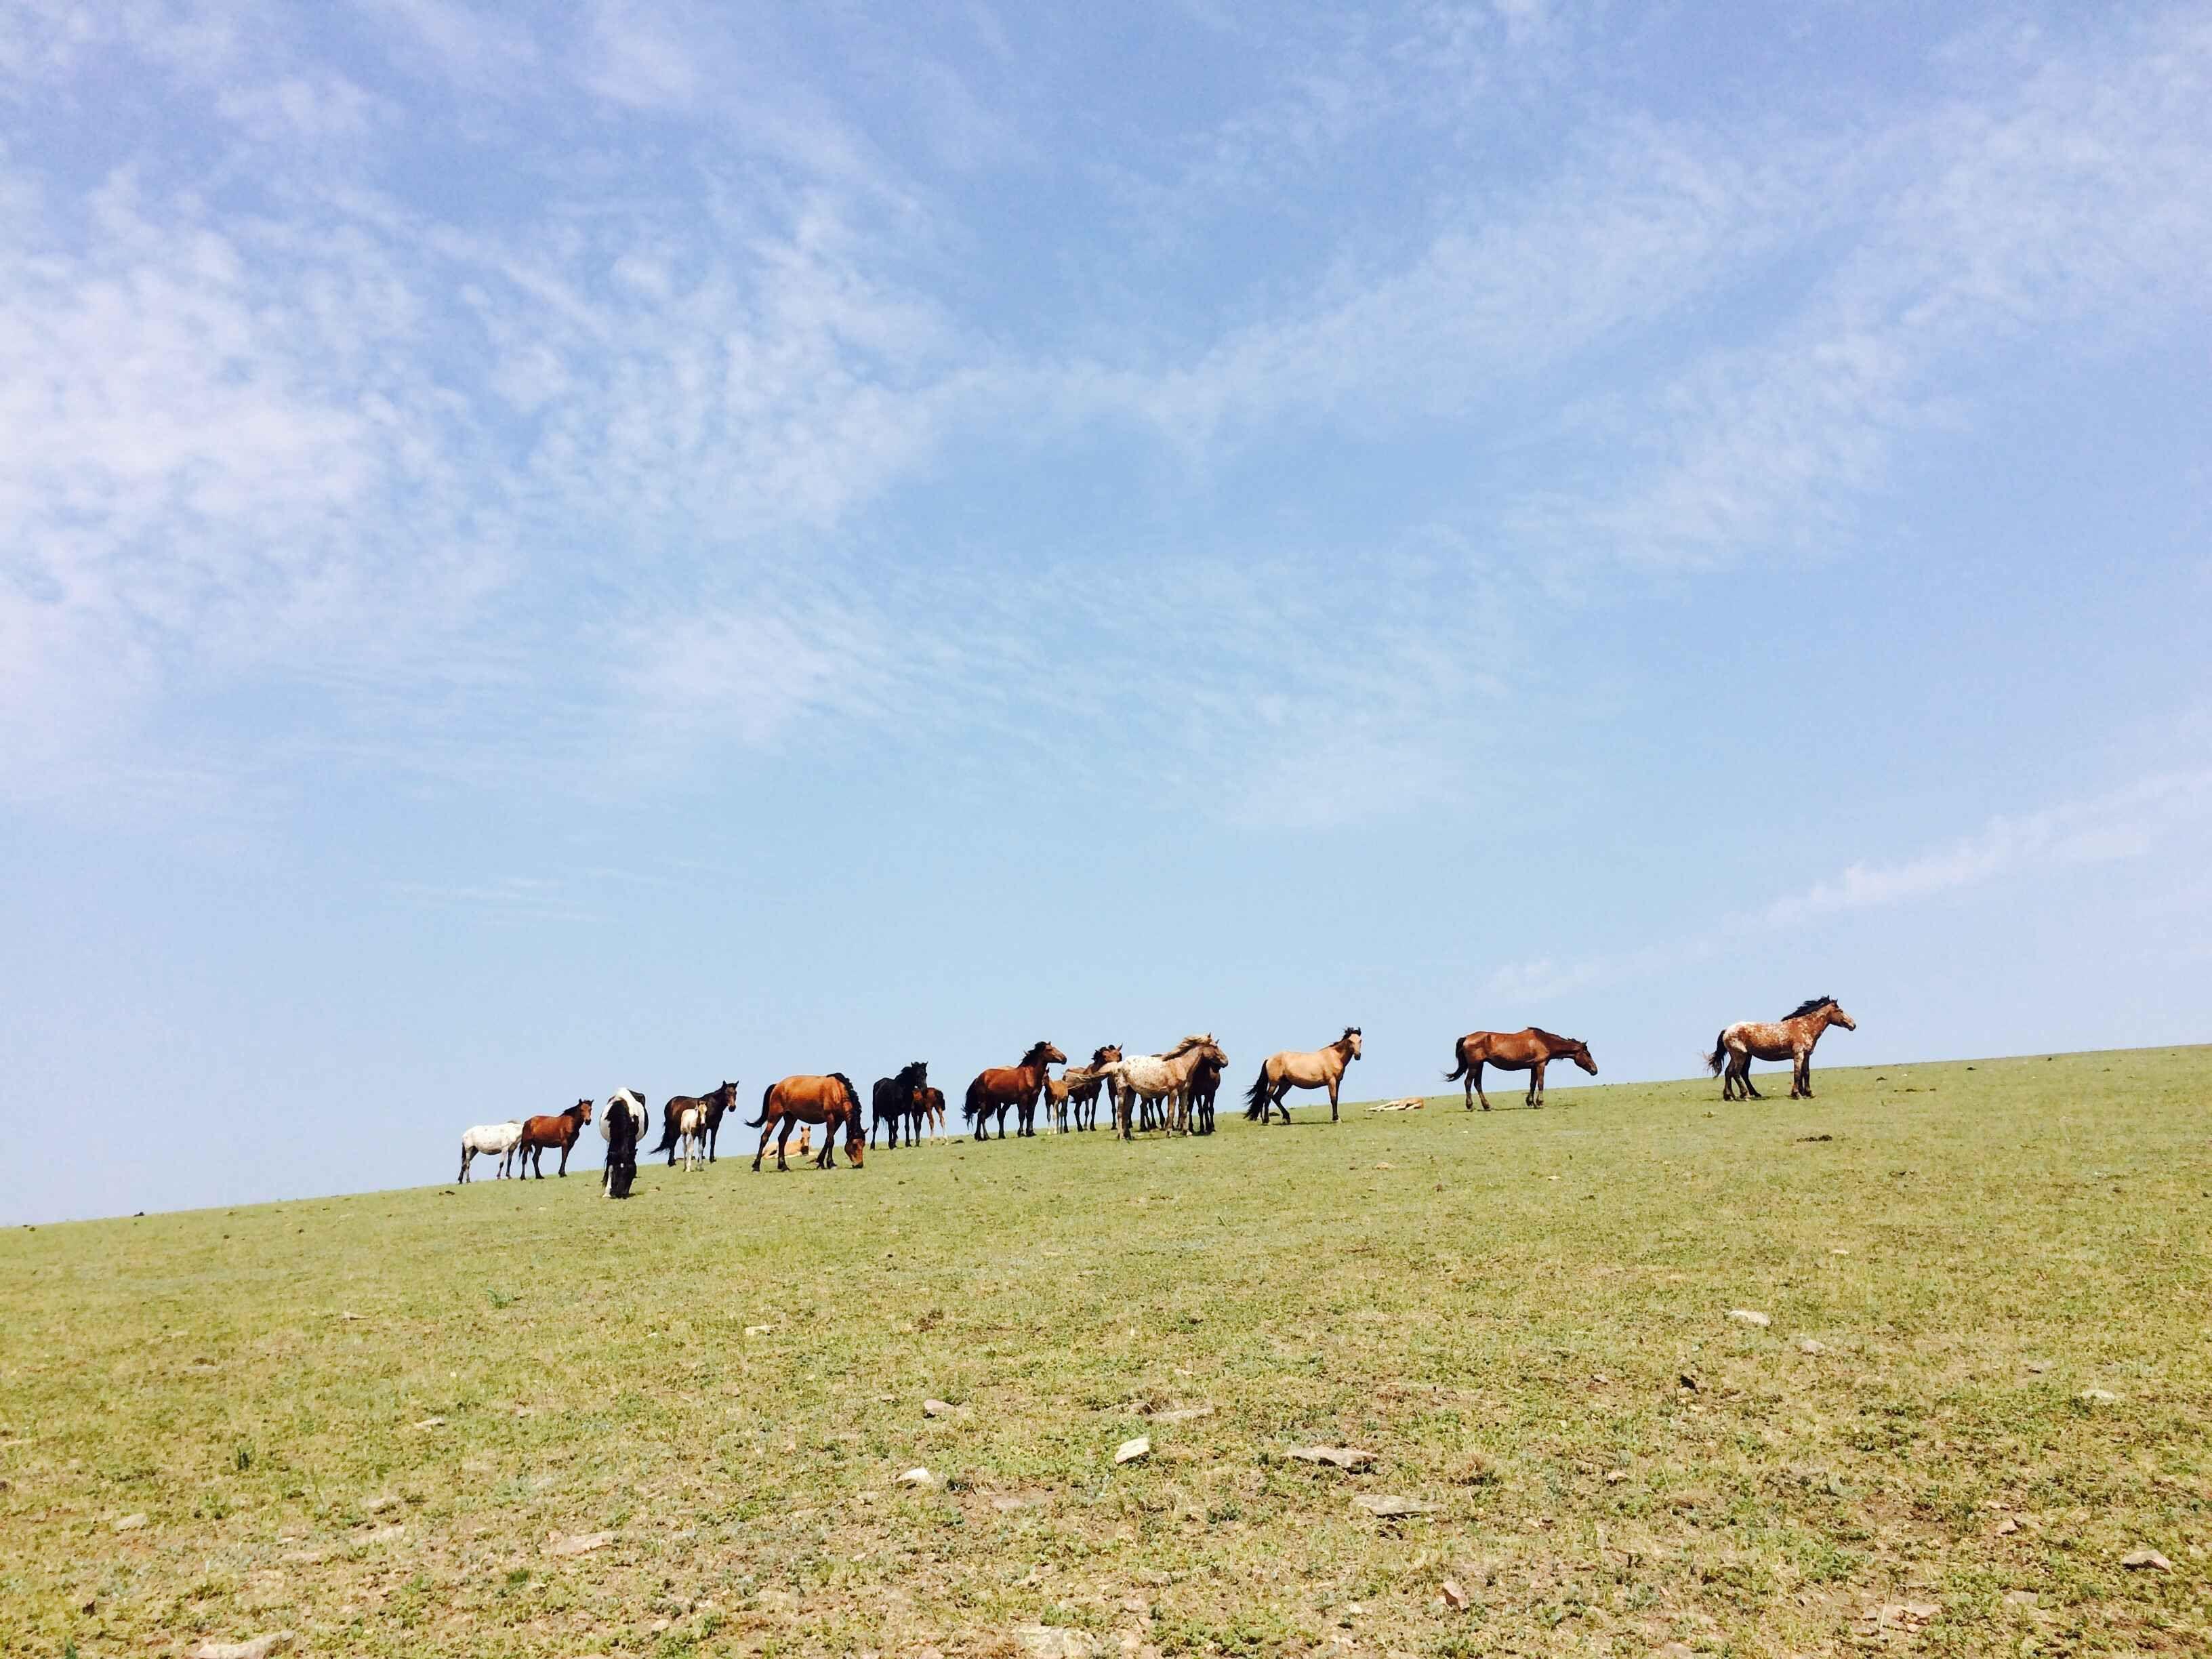 【3天2晚】走进边境草原,参观魅力口岸 呼伦贝尔3日自由行